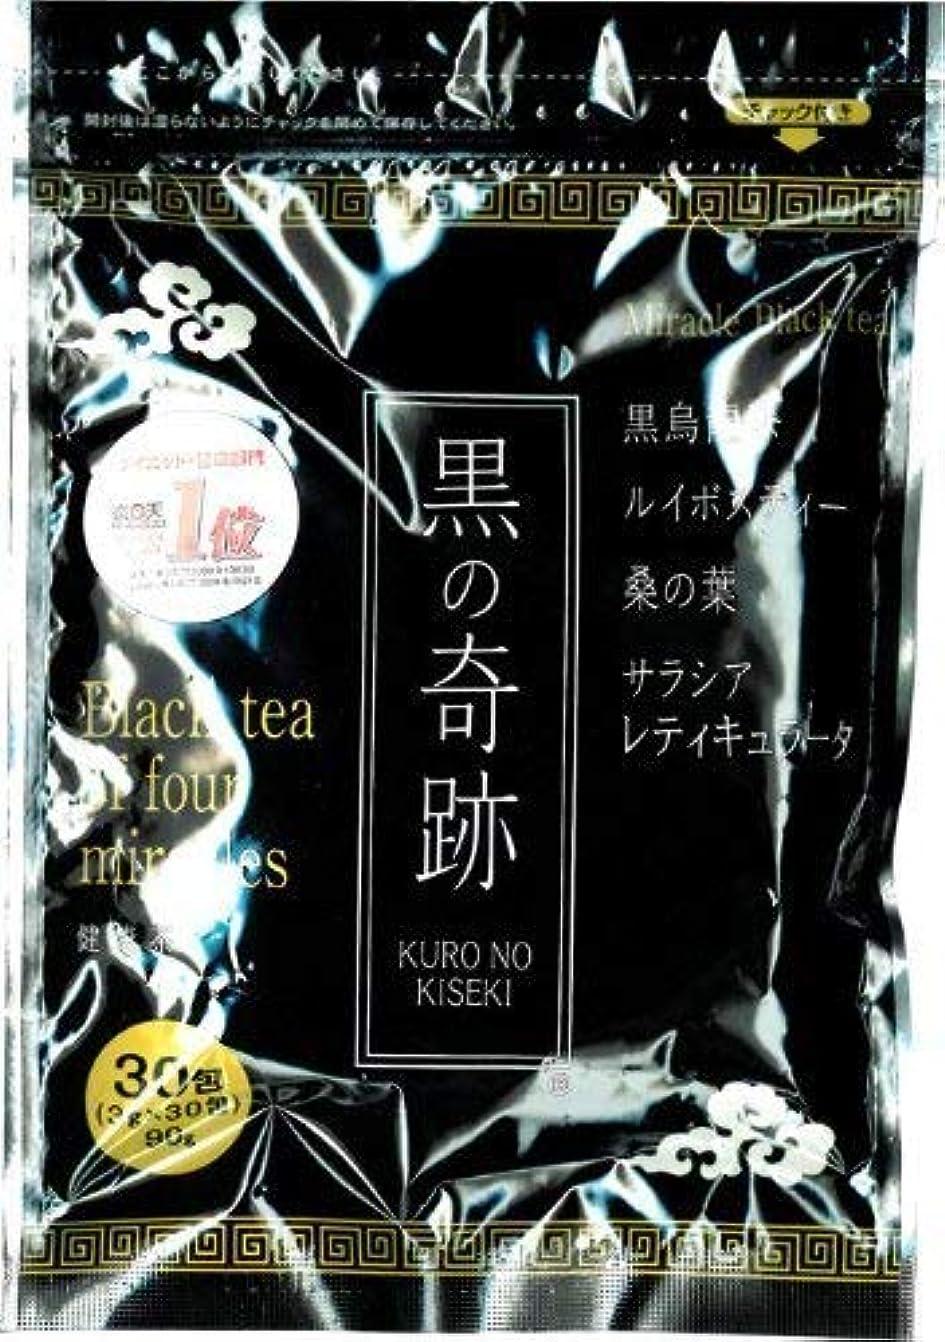 女性噴火厳しい黒の奇跡 (30包入) 1袋